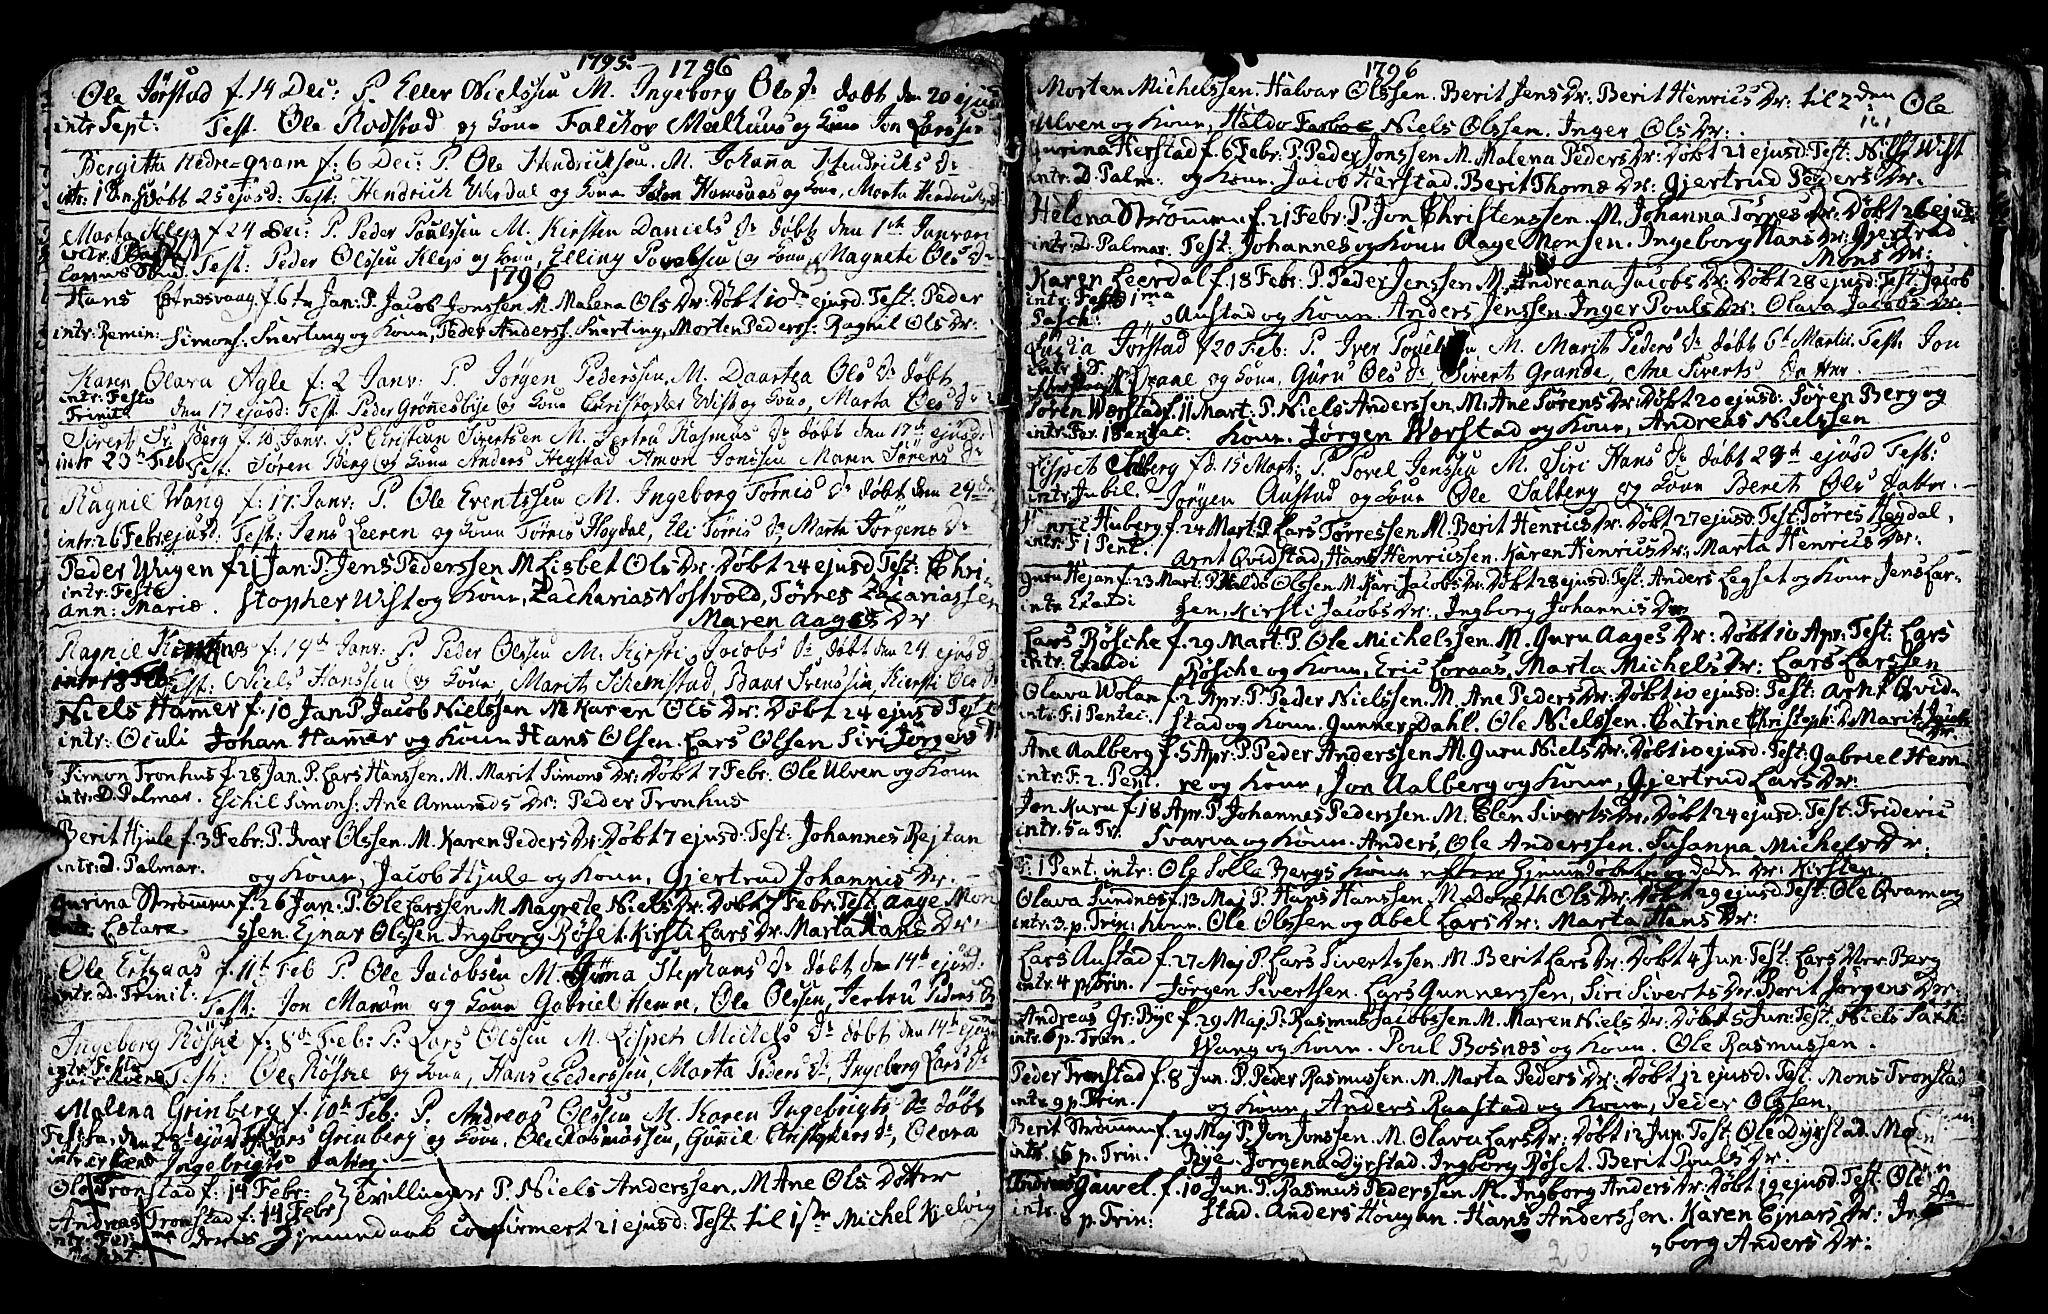 SAT, Ministerialprotokoller, klokkerbøker og fødselsregistre - Nord-Trøndelag, 730/L0273: Ministerialbok nr. 730A02, 1762-1802, s. 161